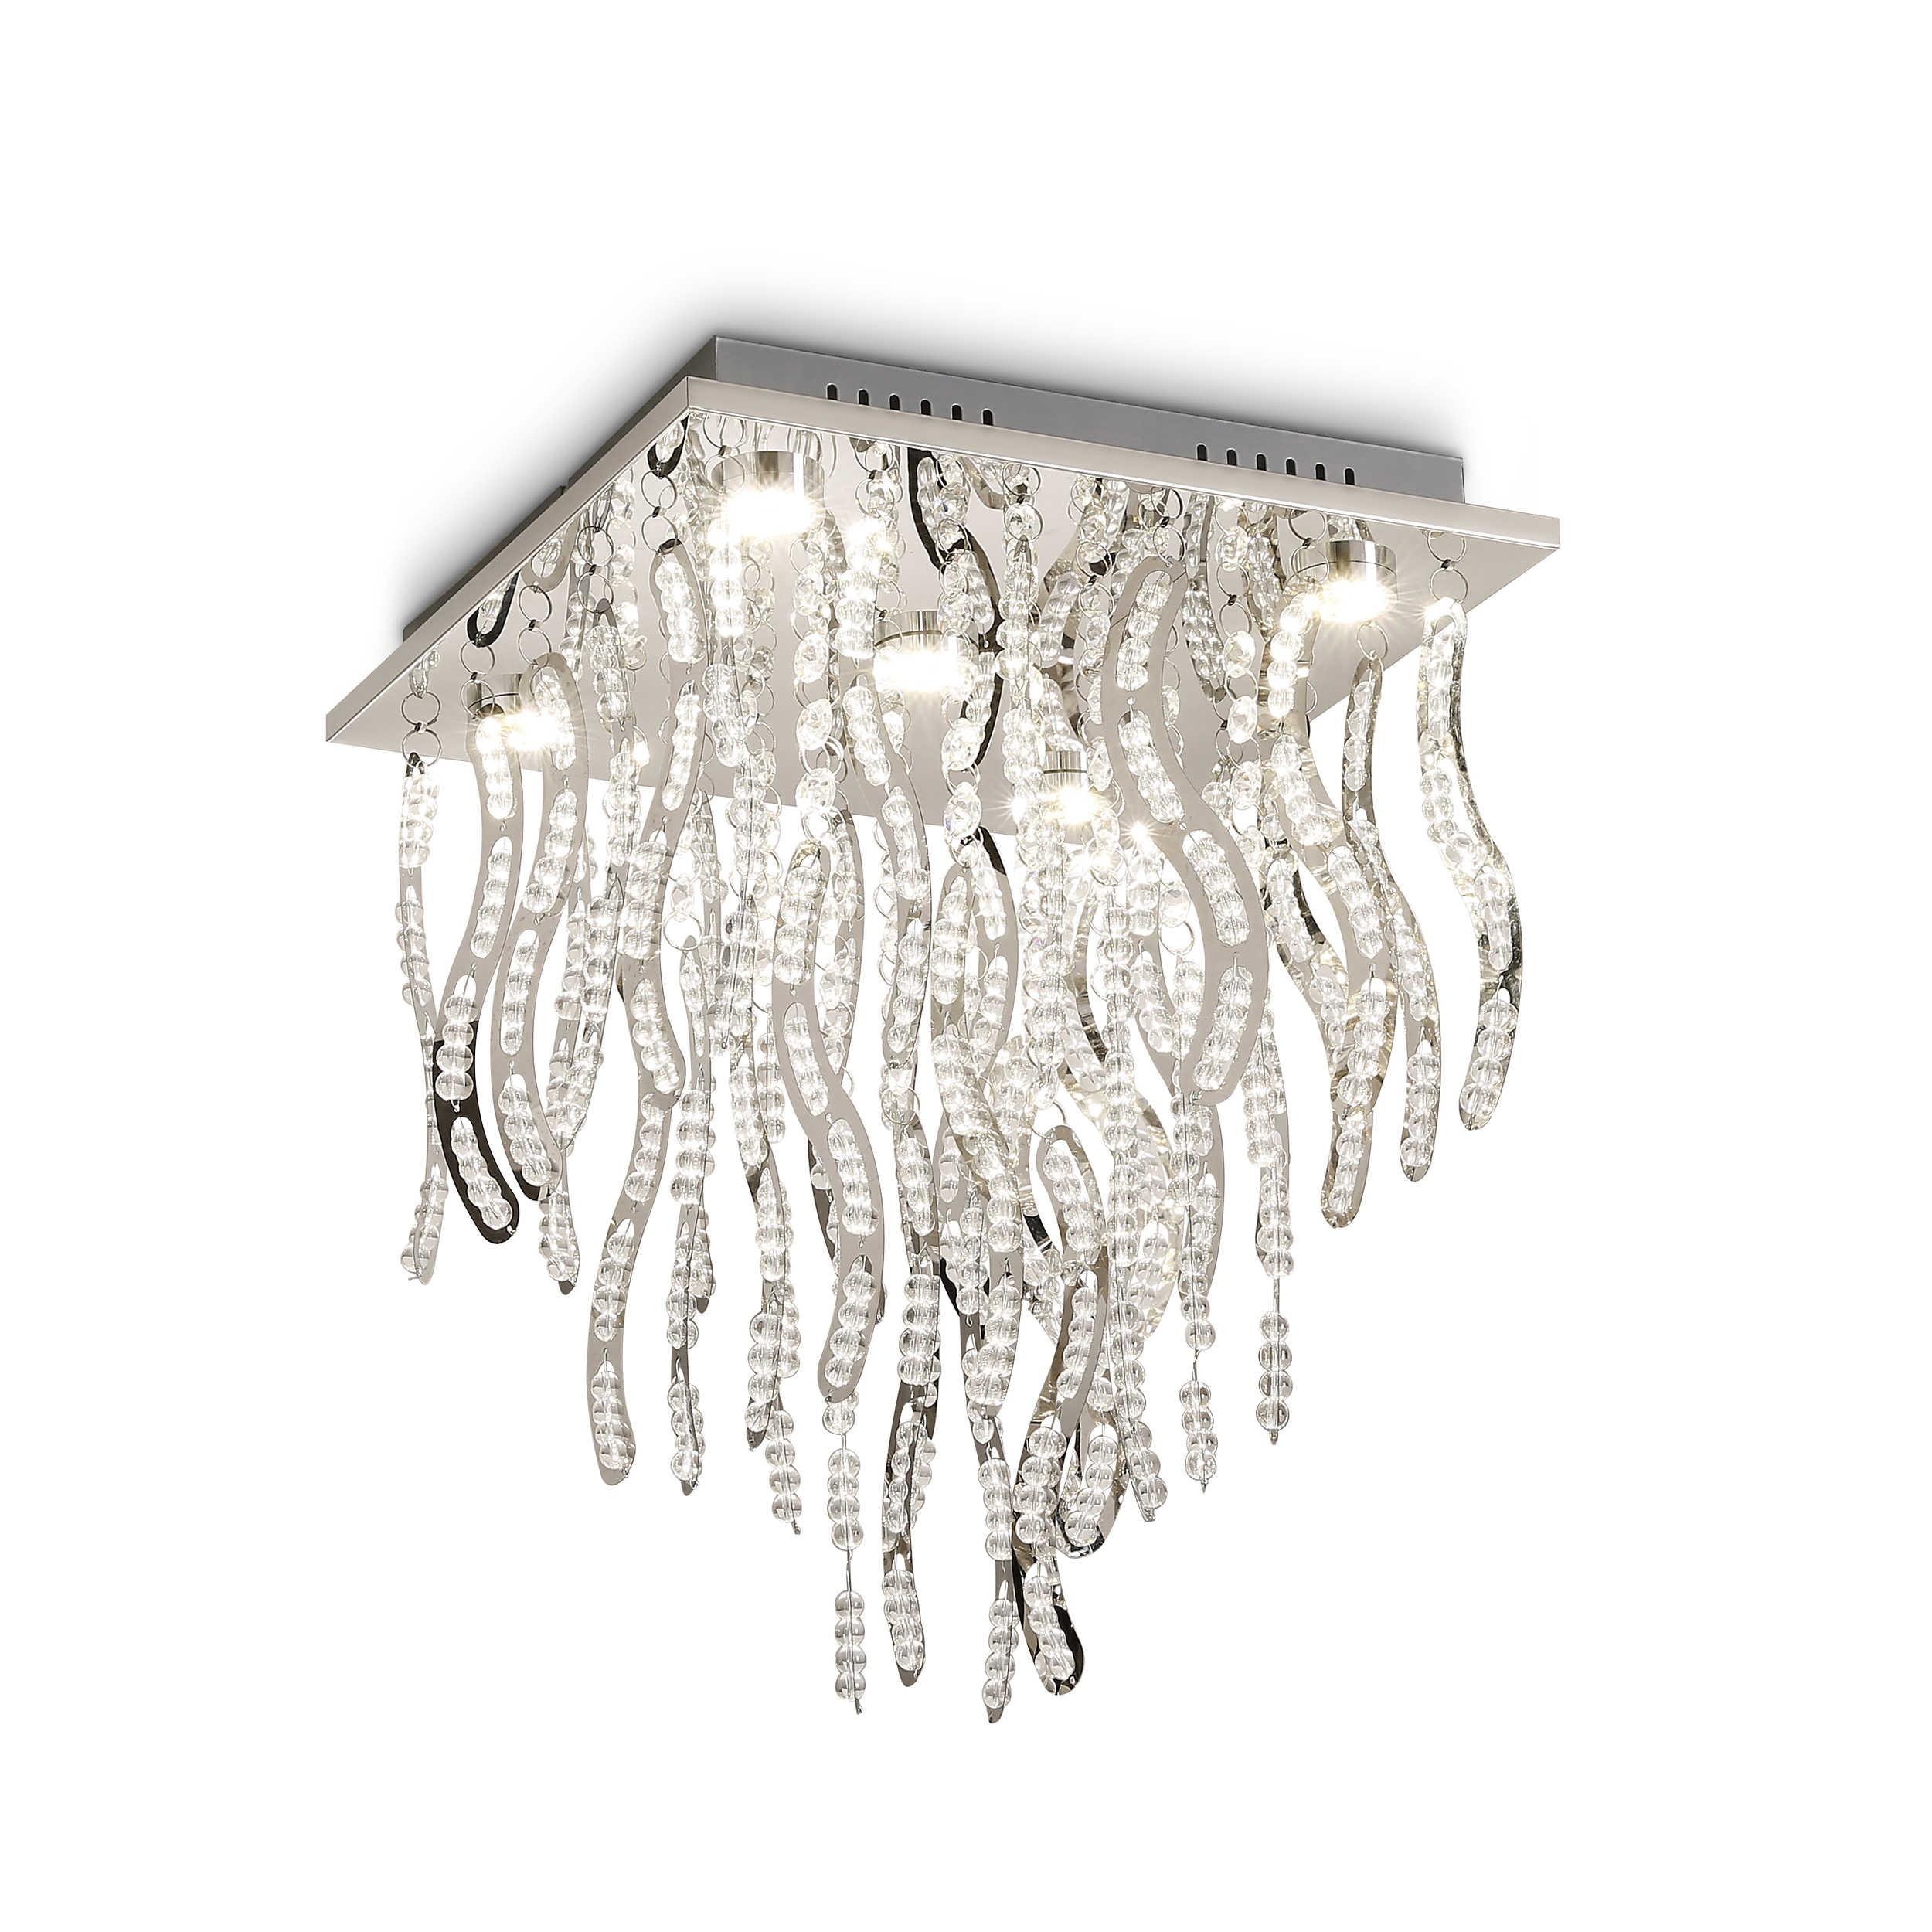 Designer Deckenleuchte Roma 30 Kaufen: DesignLive LED-Deckenleuchte Campolino A+ Silber Chrom,Alu